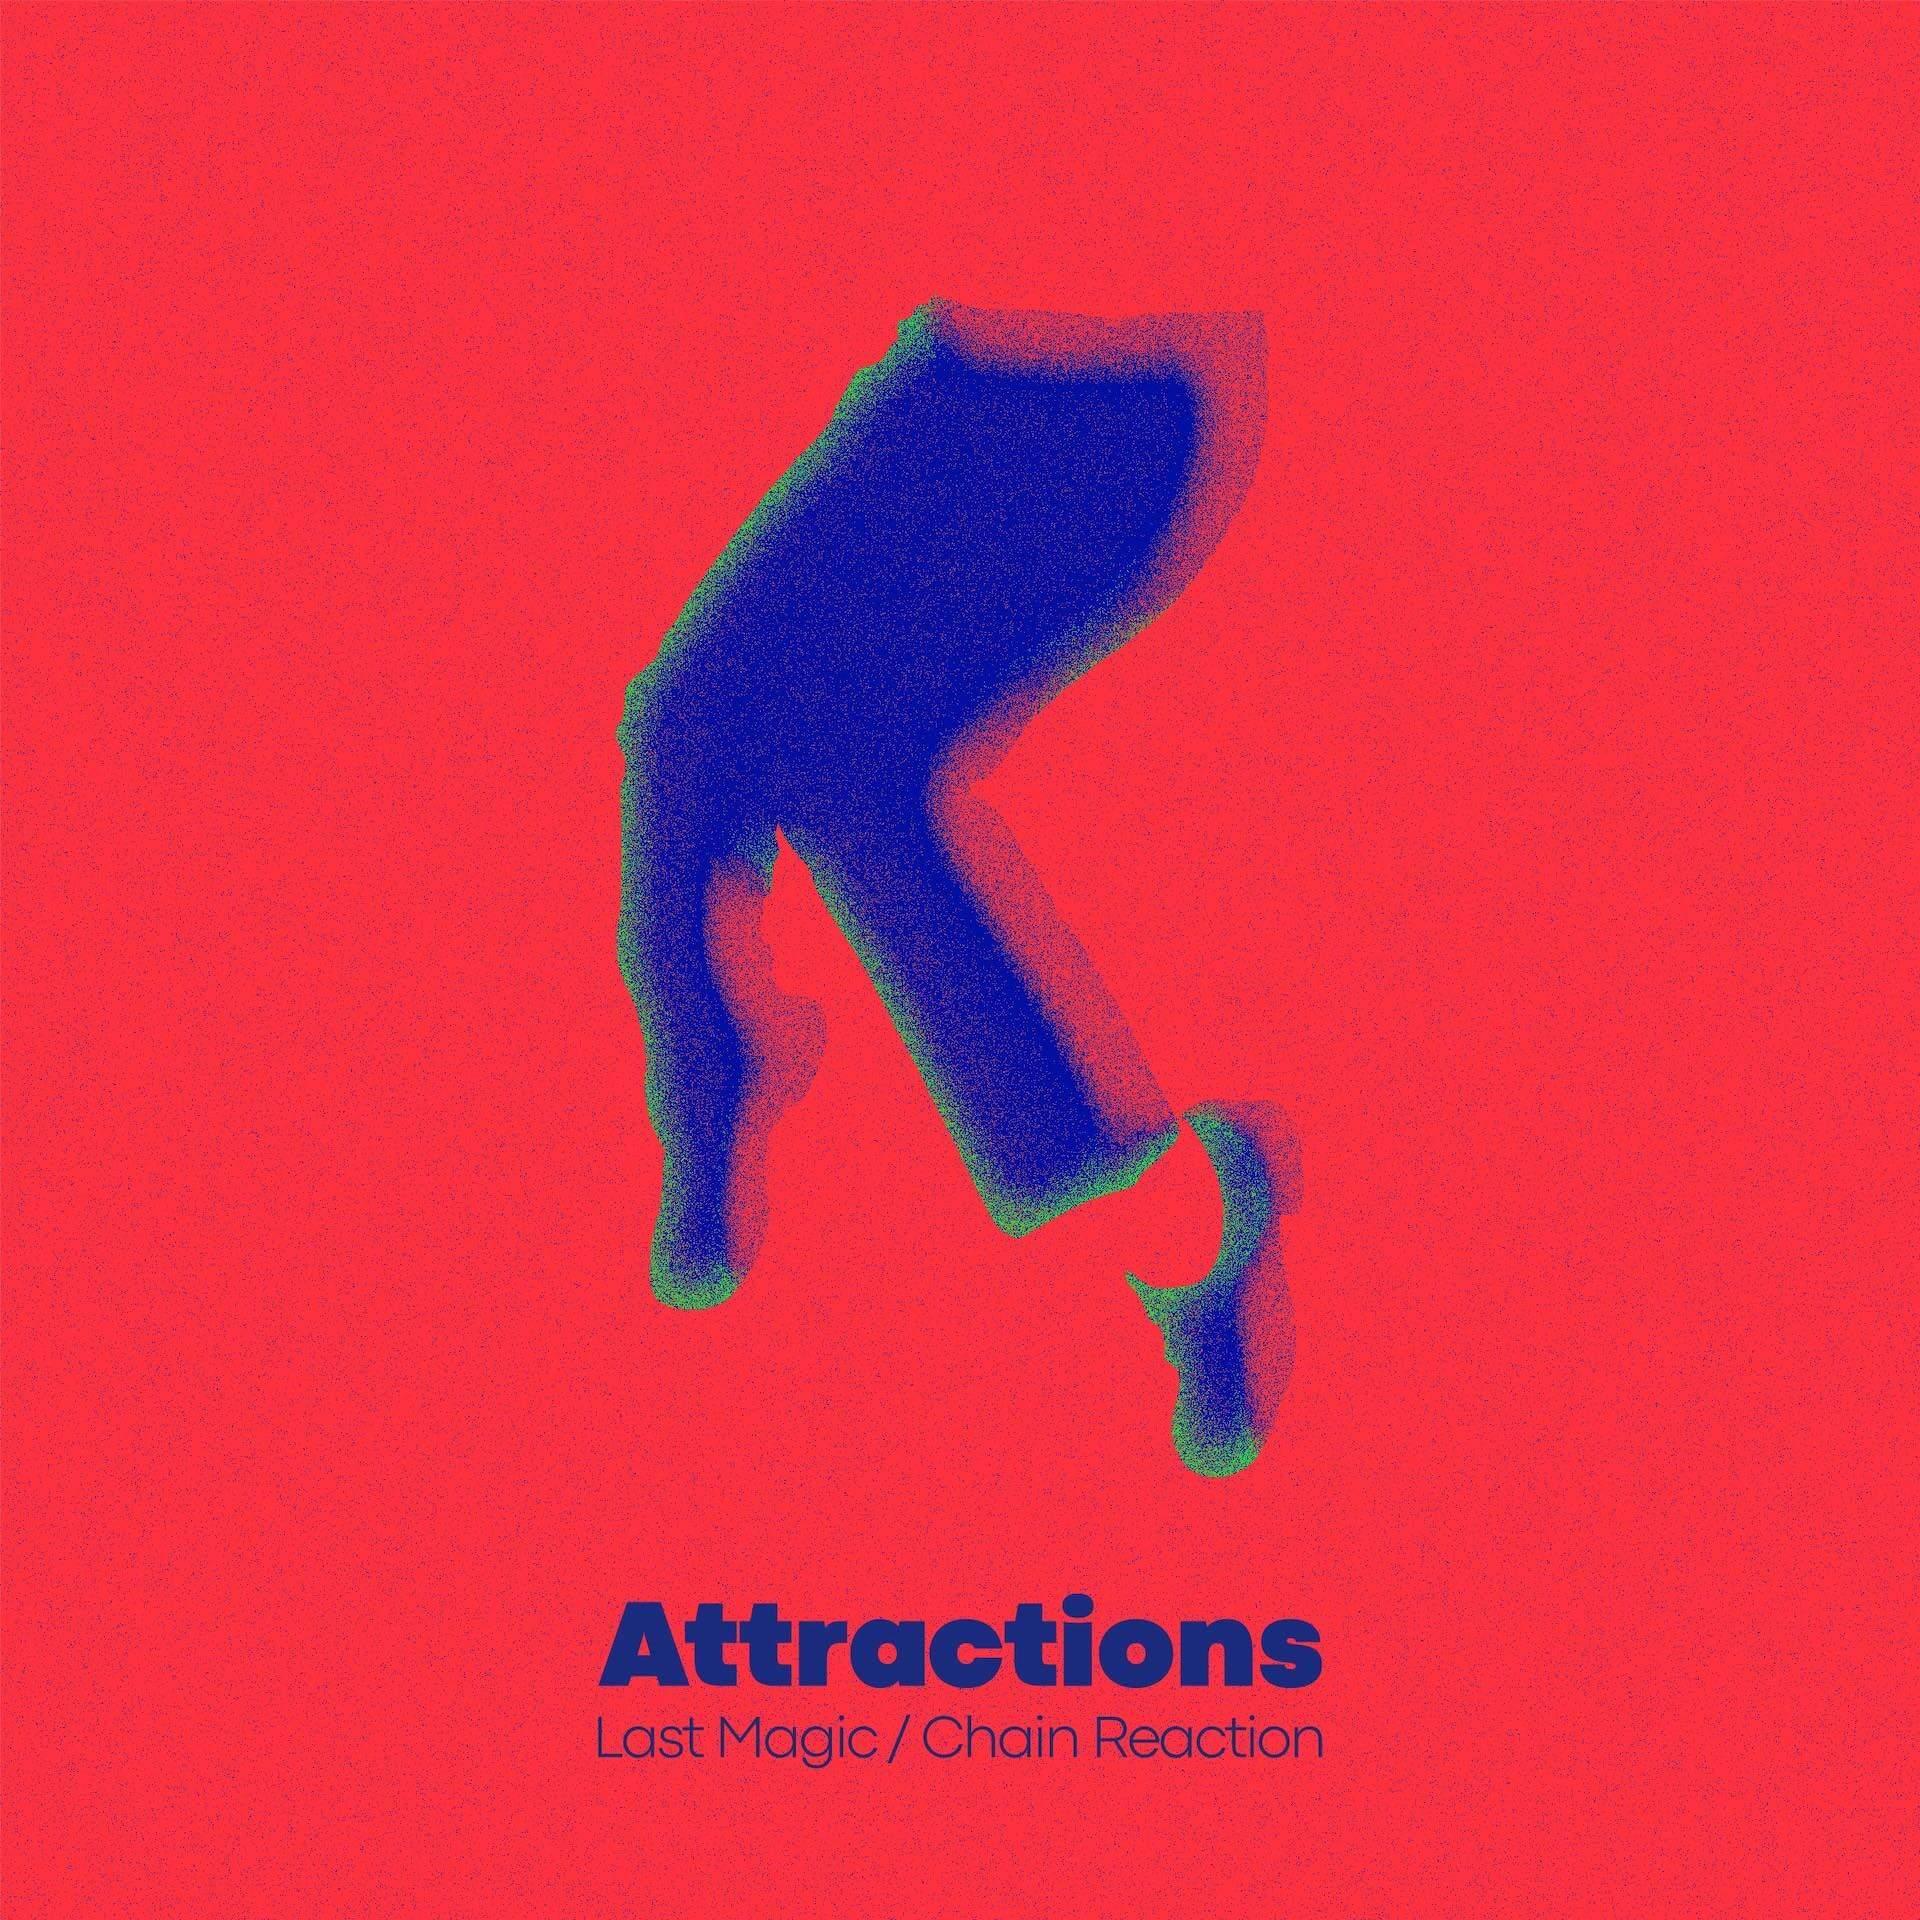 Attractions TARO&TAKEがメジャーデビューを機に振り返る2017年からの歩みと、『POST PULP』から始まる新章 interview201012_attractions_03